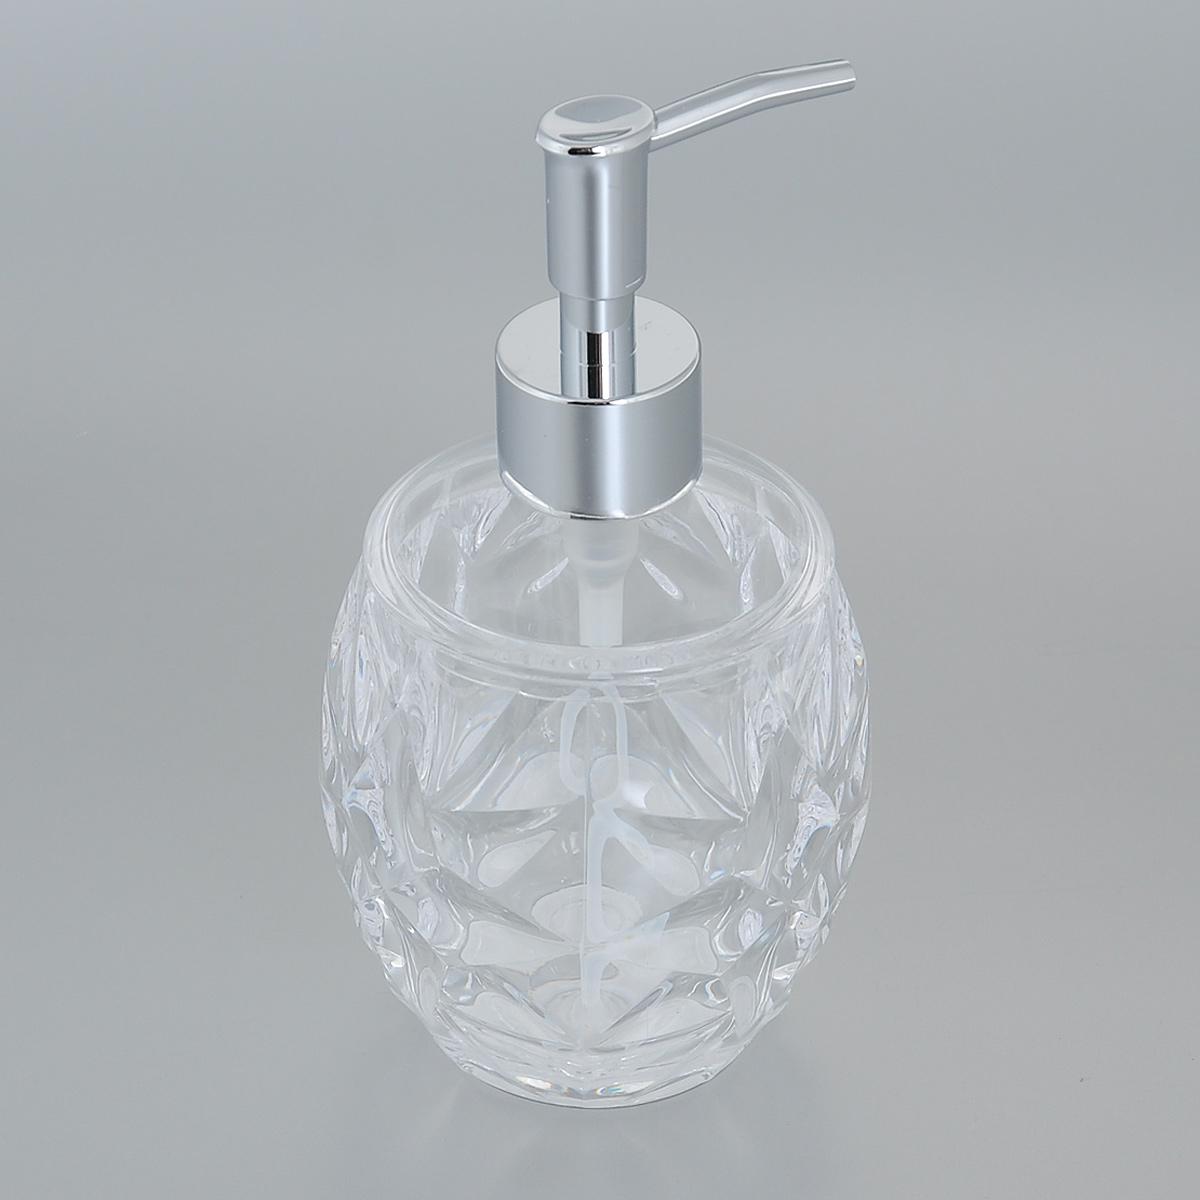 Диспенсер для жидкого мыла Fresh Code Узорный, цвет: прозрачный, 360 мл64537Диспенсер для жидкого мыла Fresh Code Узорный изготовлен из акрила в эффектной резной форме. Стенки прозрачные, что очень удобно для определения оставшегося мыла. Носик изделия выполнен из прочного ABS-пластика с хромированным покрытием. Диспенсер очень удобен в использовании: просто надавите сверху, и из диспенсера выльется необходимое количество мыла. Аксессуары для ванной комнаты Fresh Code стильно украсят интерьер и добавят в обычную обстановку яркие и модные акценты. Нейтральный цвет подойдет к любому интерьеру. Размер диспенсера (ДхШхВ): 9 см х 9 см х 17 см. Объем: 360 мл.